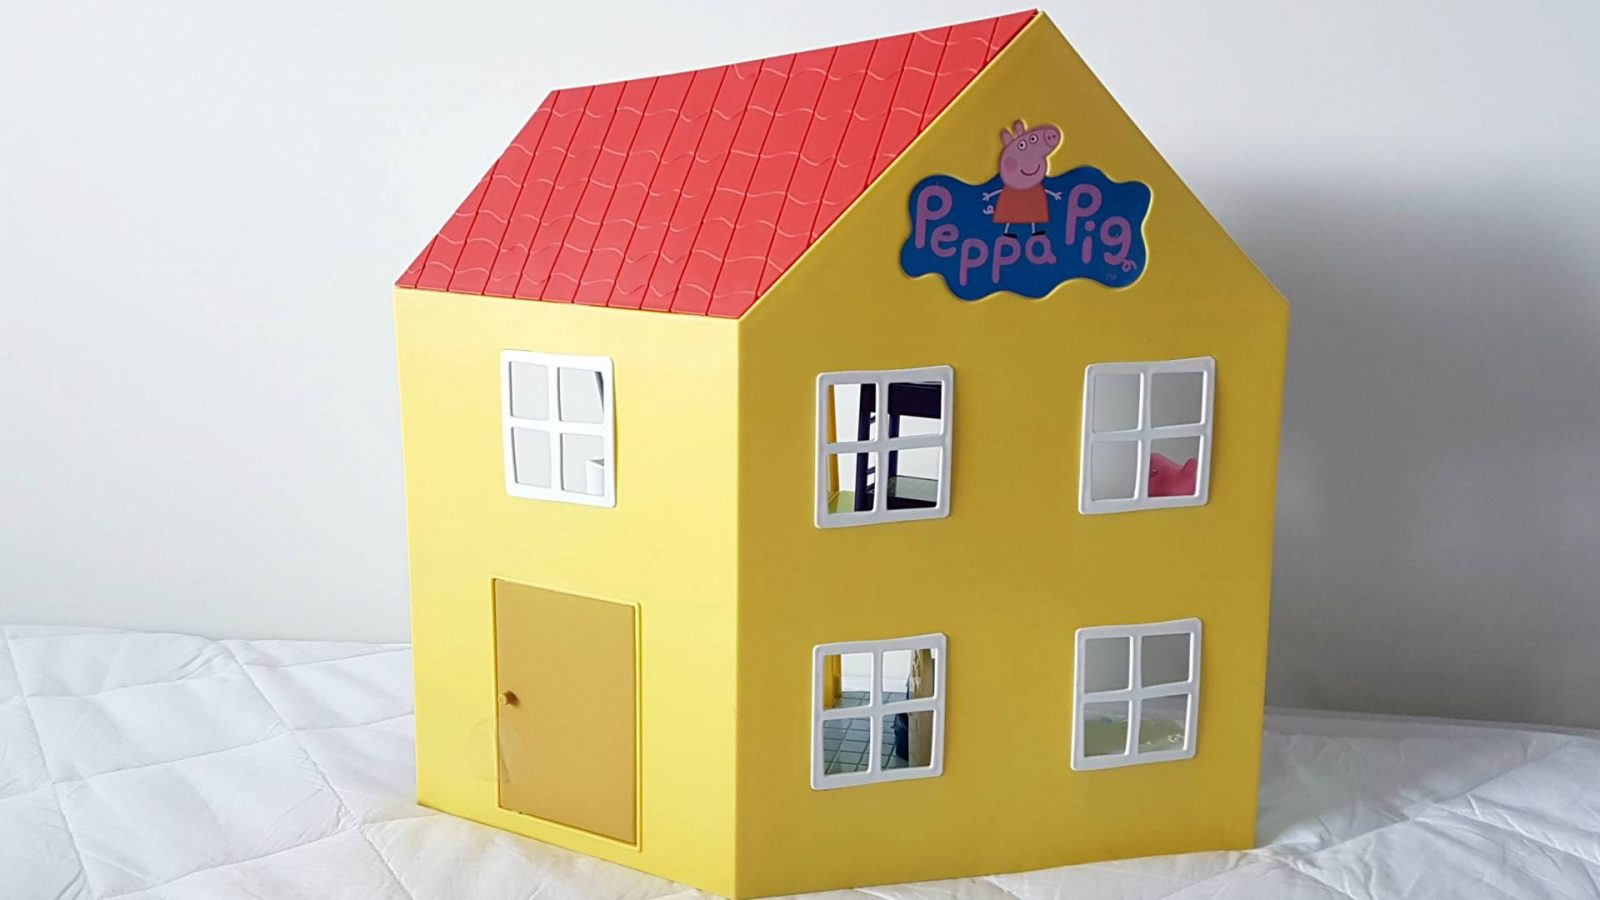 Peppa Pig House Back